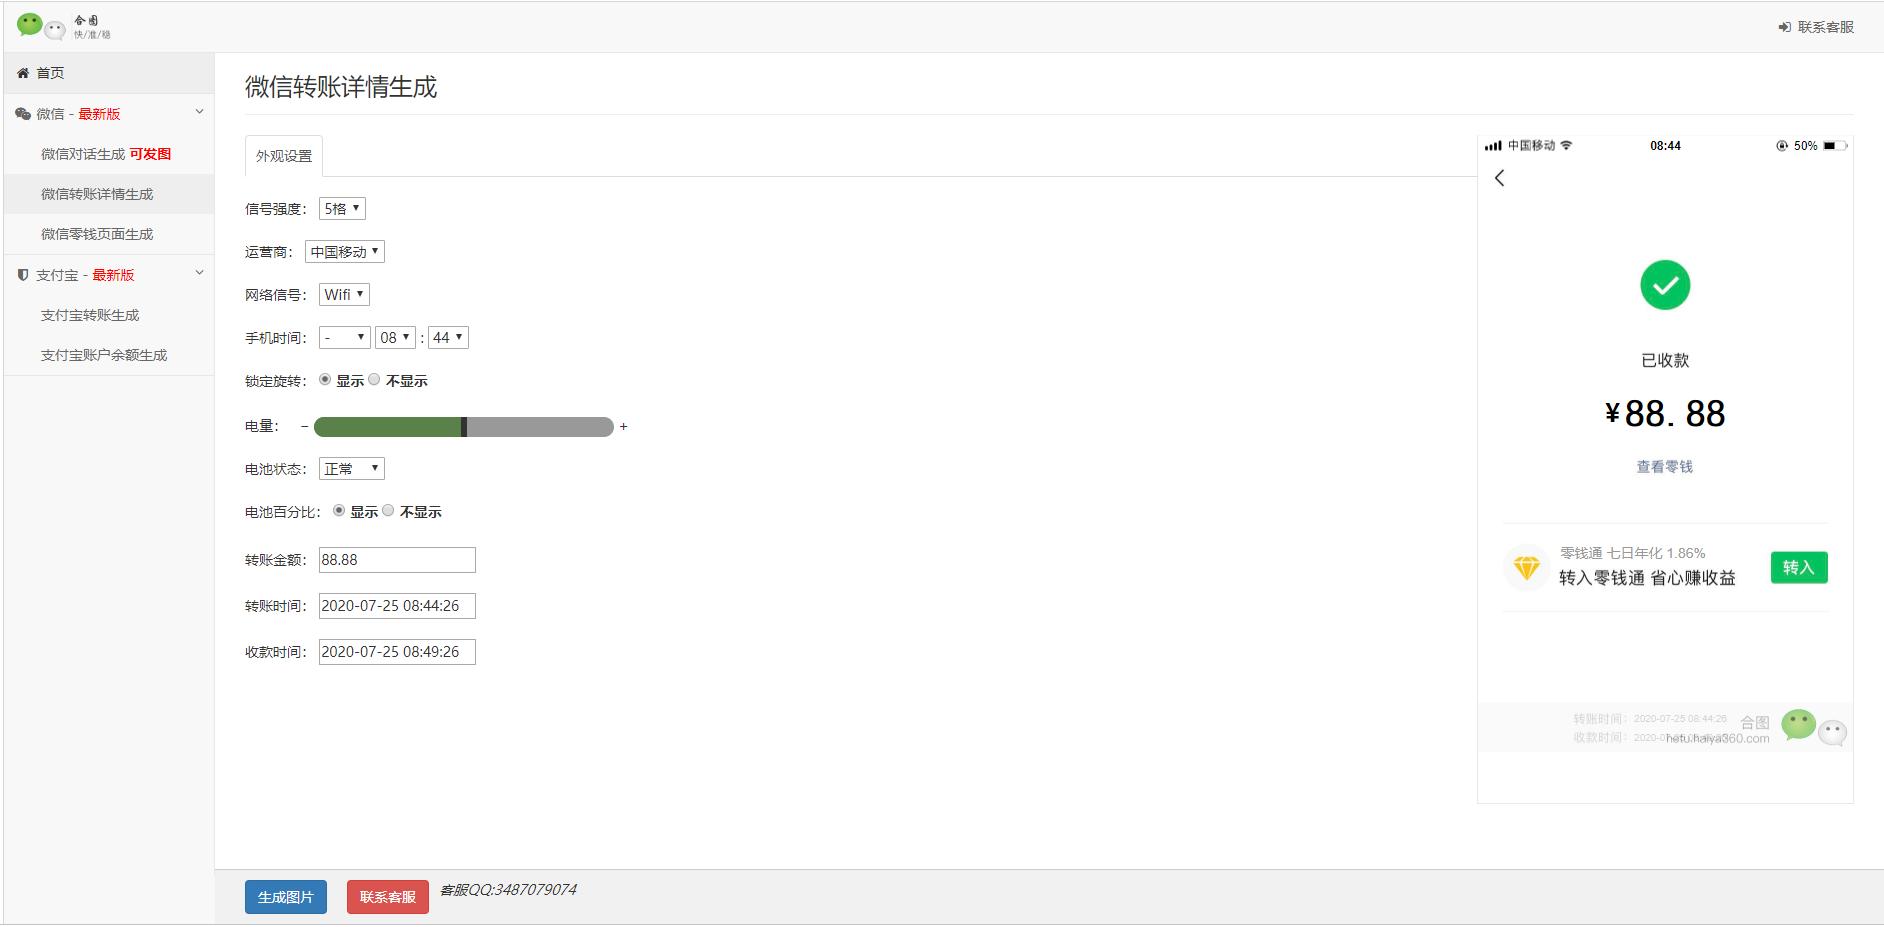 干货:微商转账截图生成器